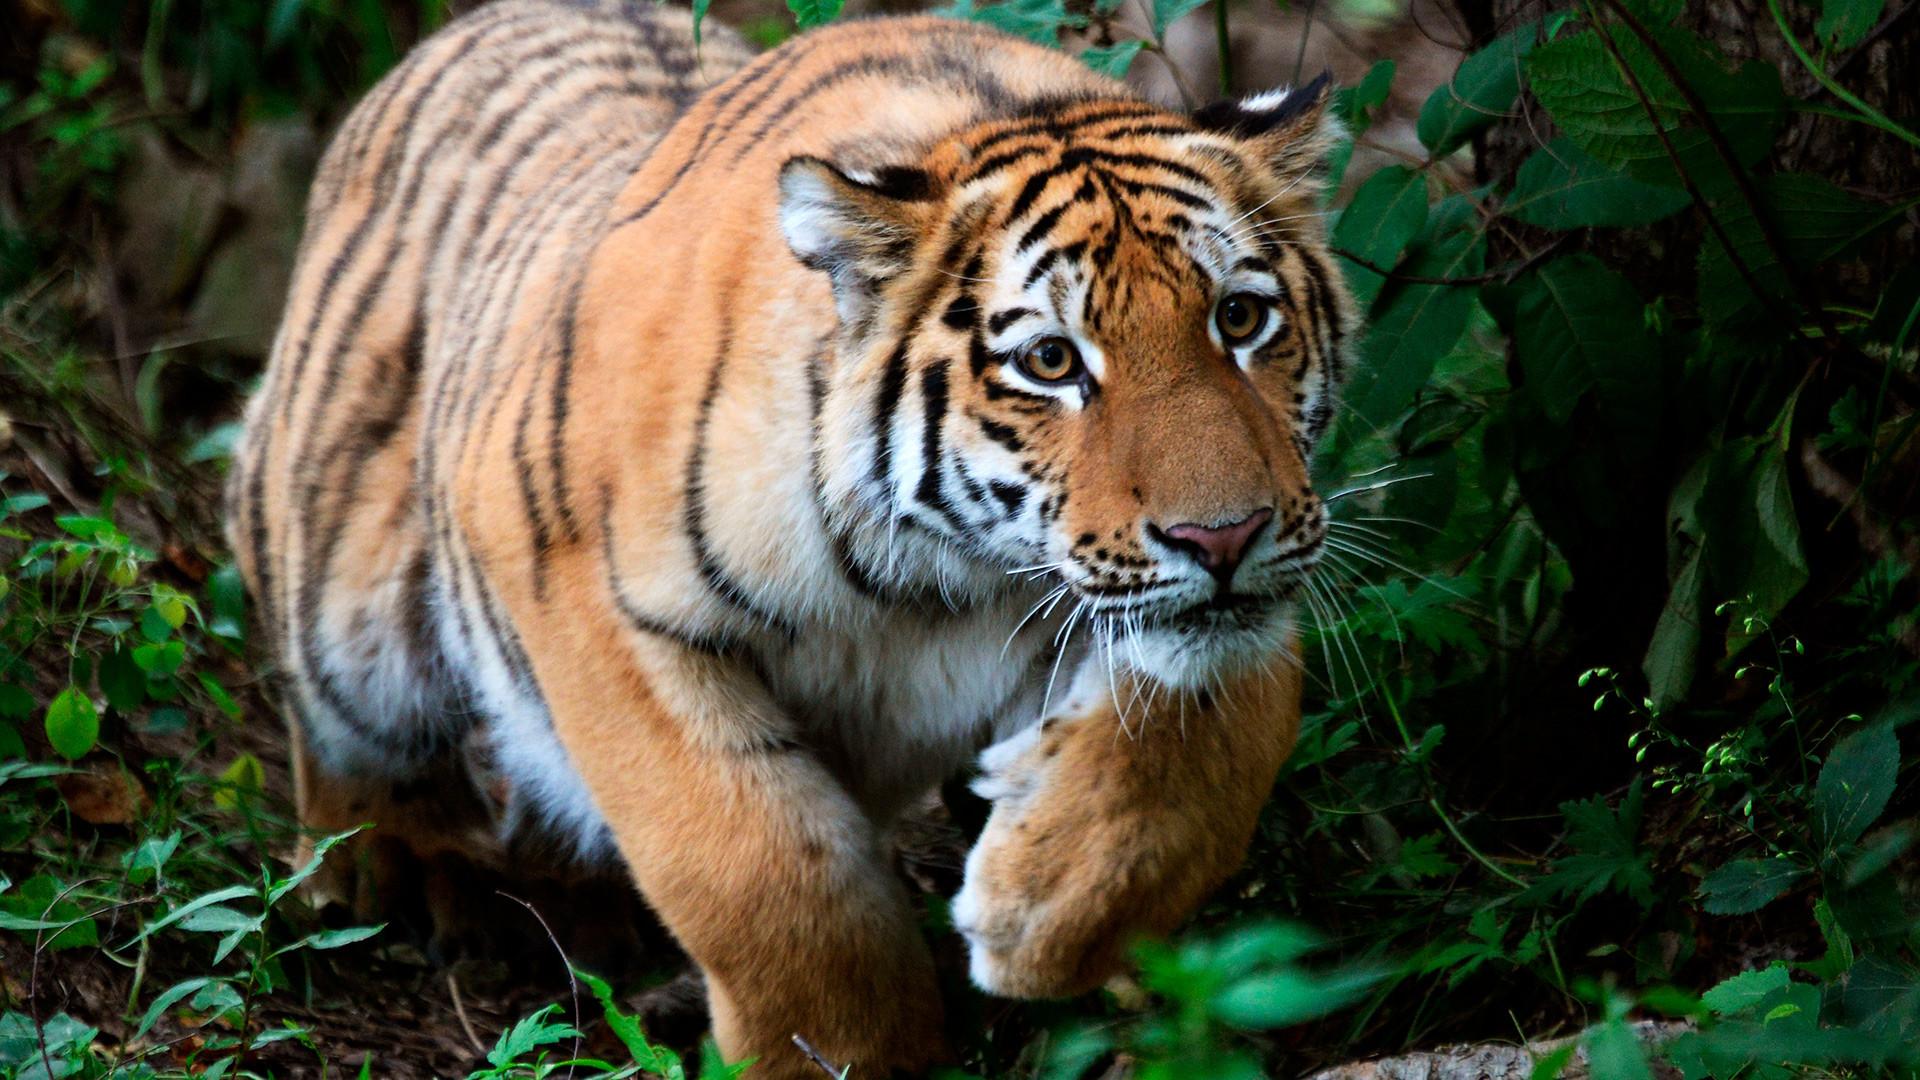 Tigar Šerhan star deset mjeseci. Mladunče čuvenog amurskog tigra Amura i tigrice Usuri. Primorski safari park.